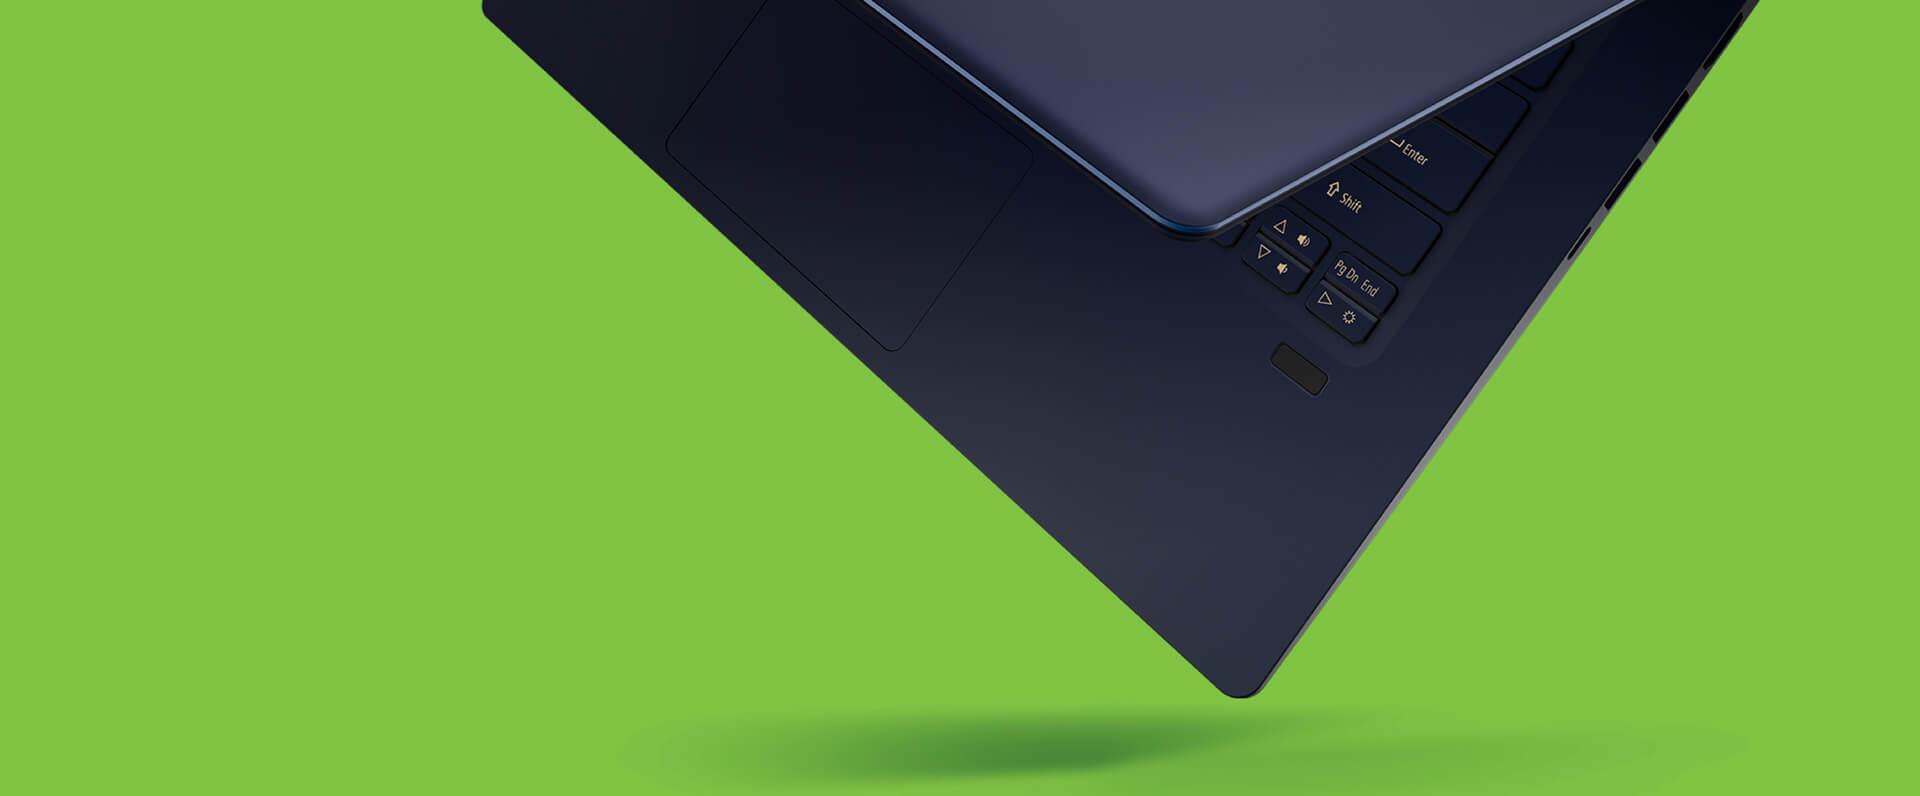 Acer Swift 5 overview hero large - Acer atualiza a linha de notebooks Aspire e anuncia o ultrafino Swift 5